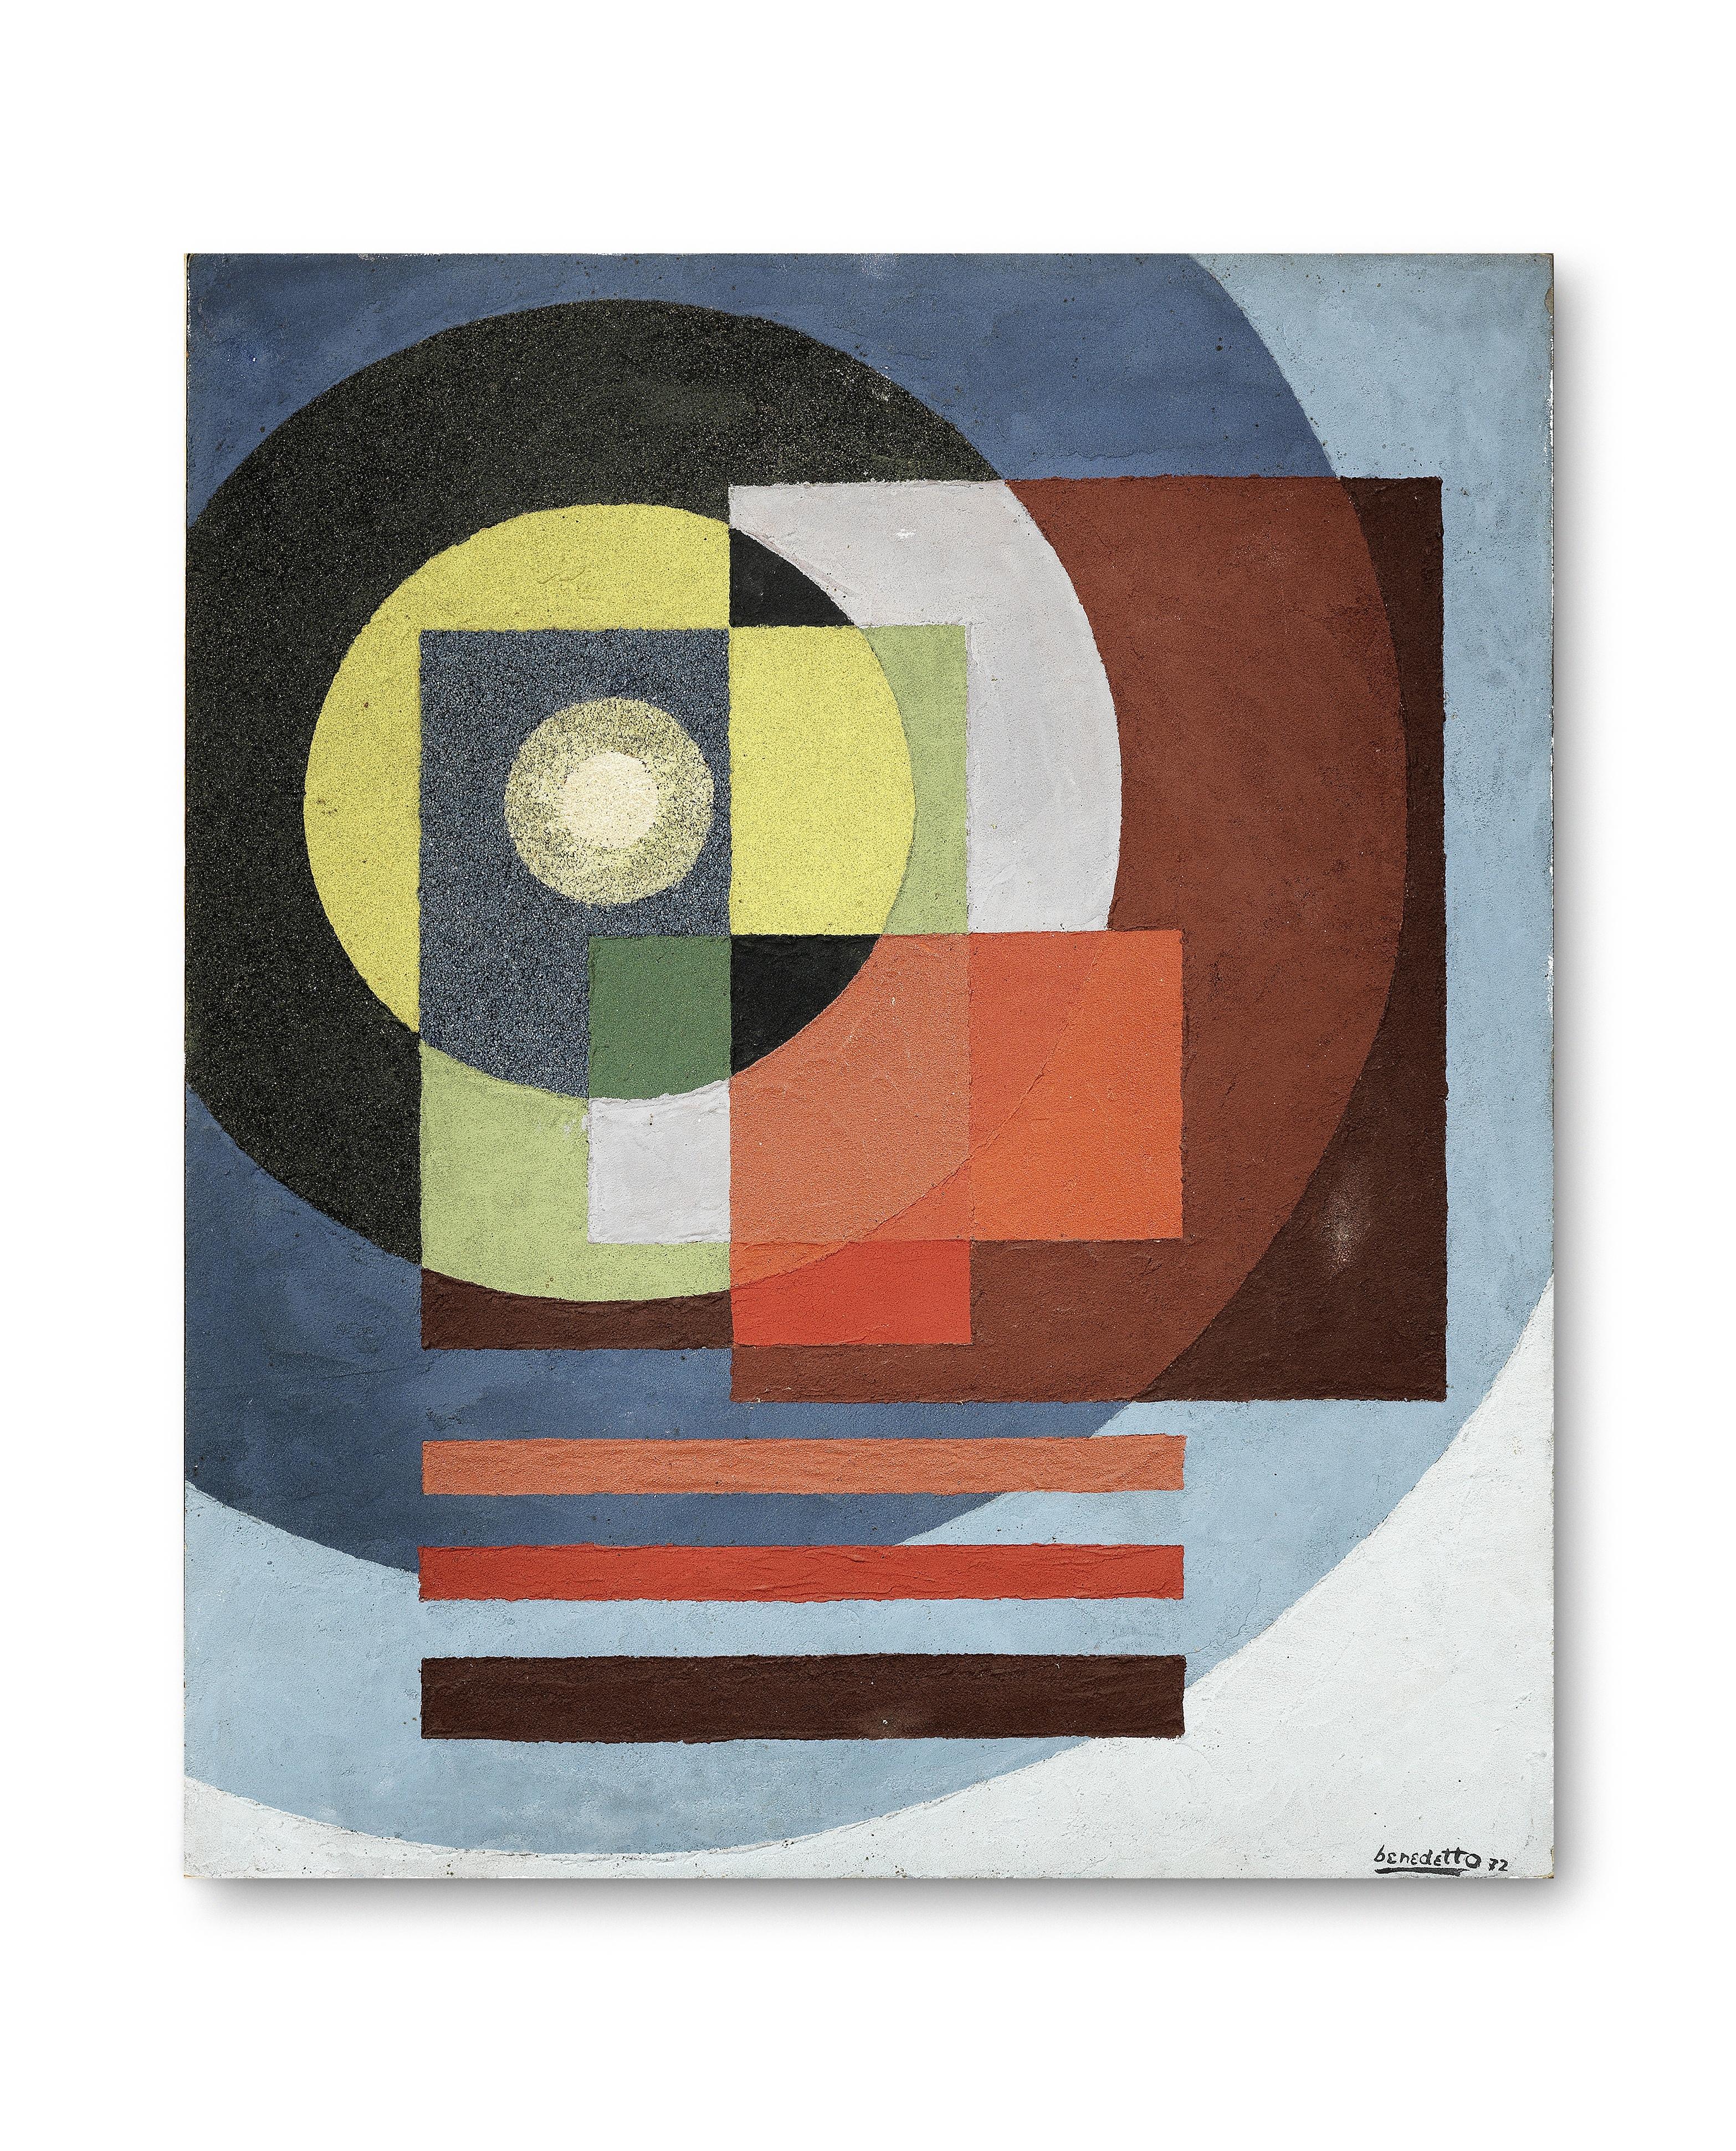 Lot 6 - Enzo Benedetto (1905-1991) Contrasti nello spazio, 1972